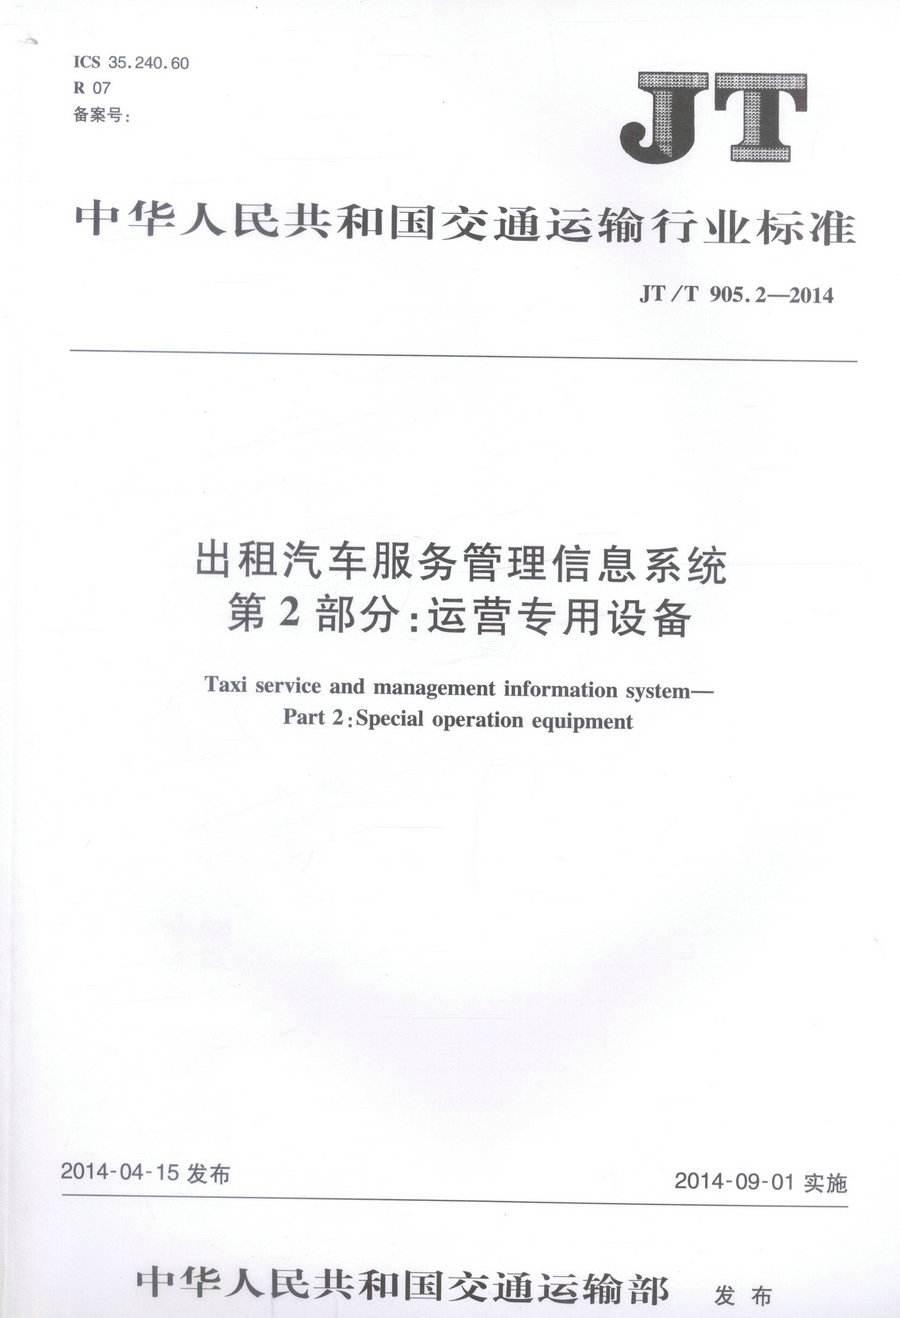 交通部JT/T 905认证怎么办理?